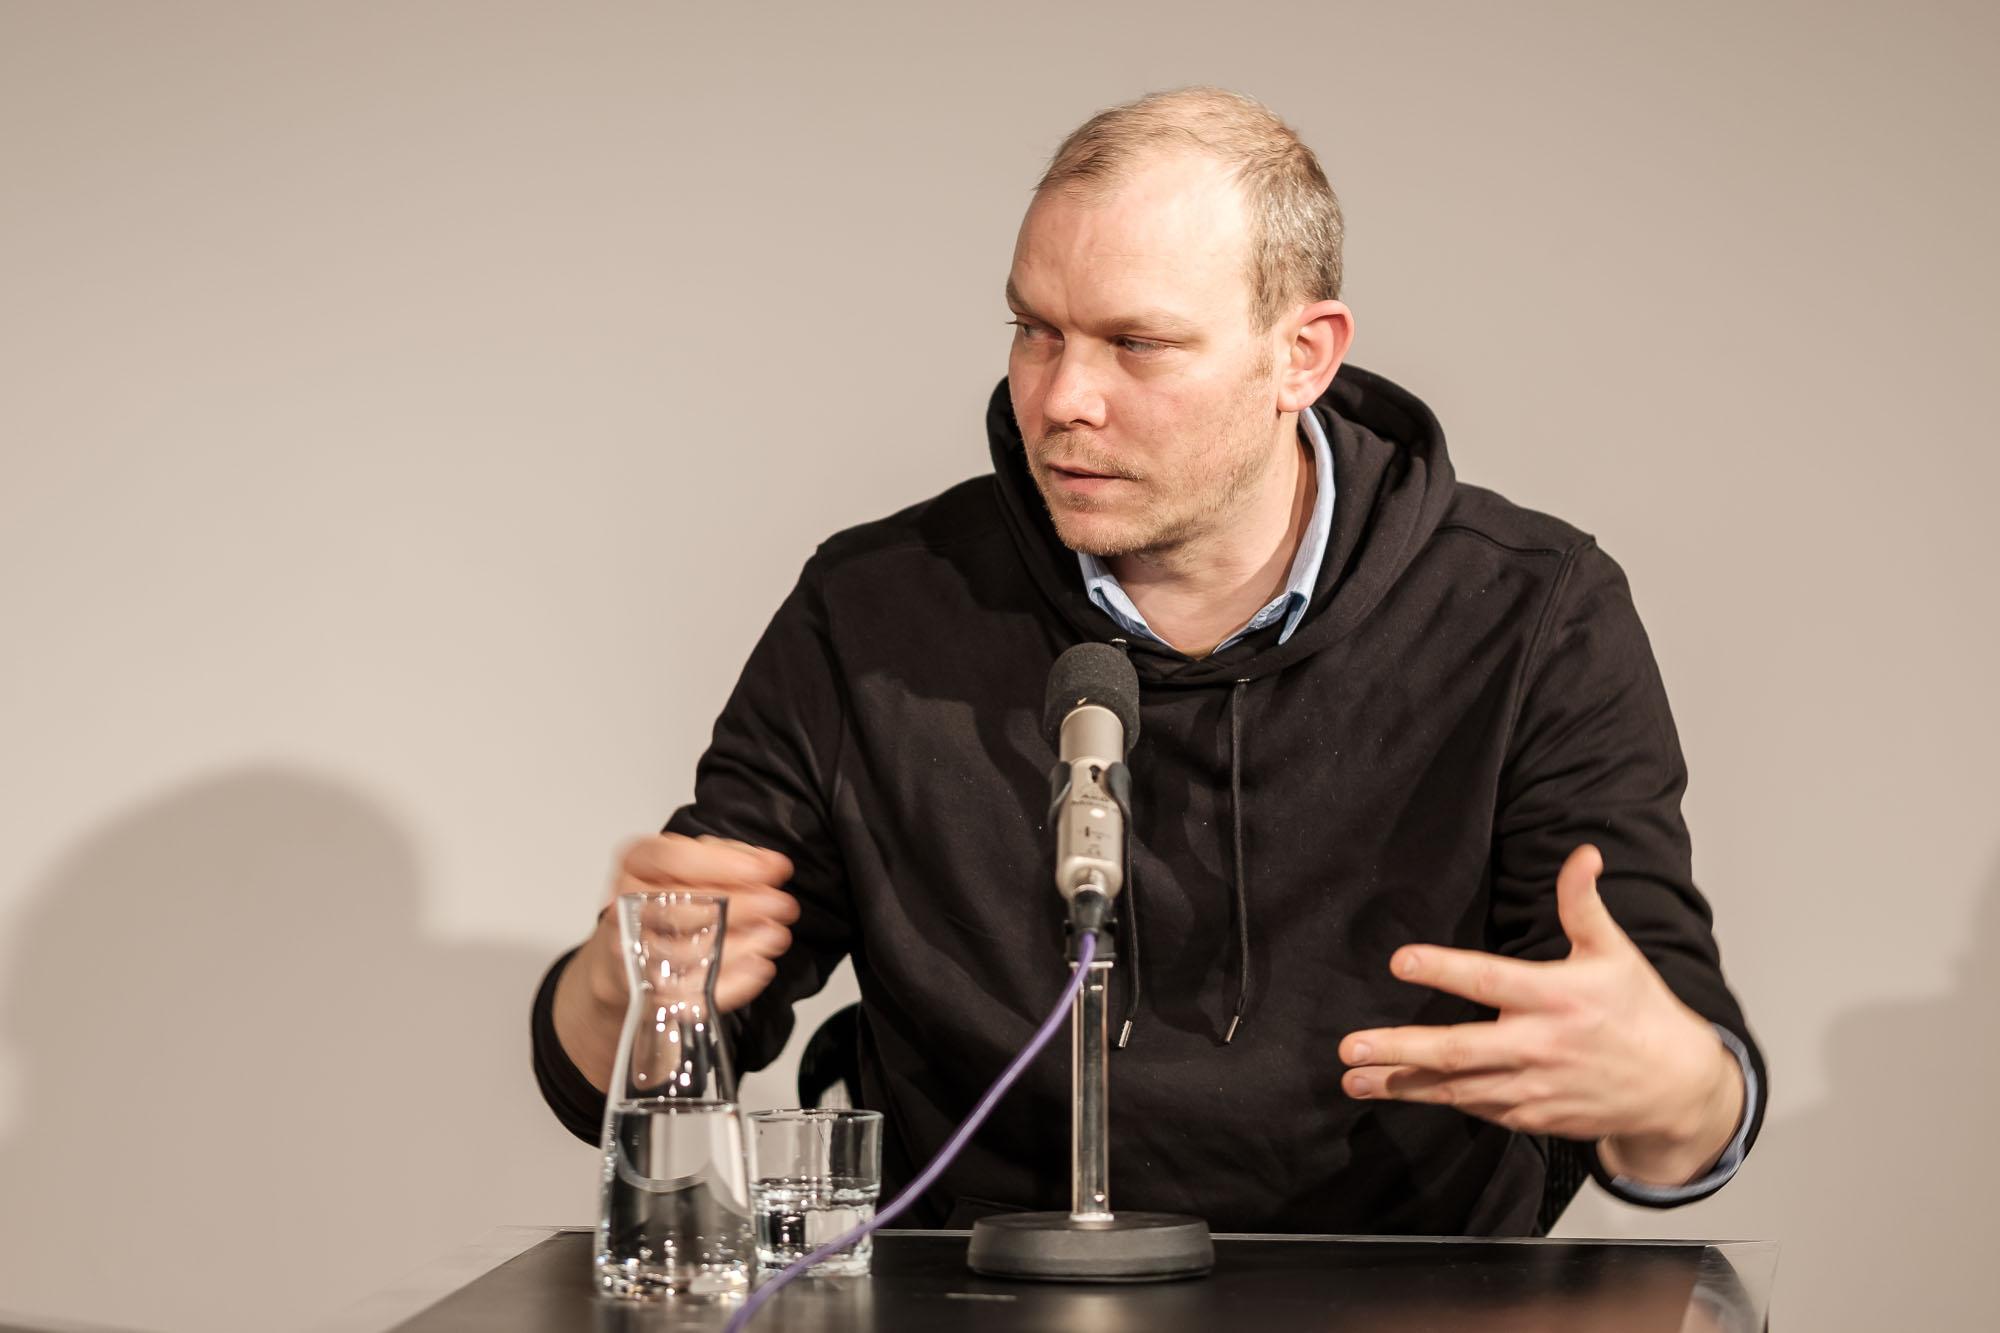 Johan Harstad: Max, Mischa und die Tet-Offensive,                                                               Mittwoch, 16.10.19               /                   19.30              Uhr                               <br/>(c) Sebastian Wenzel